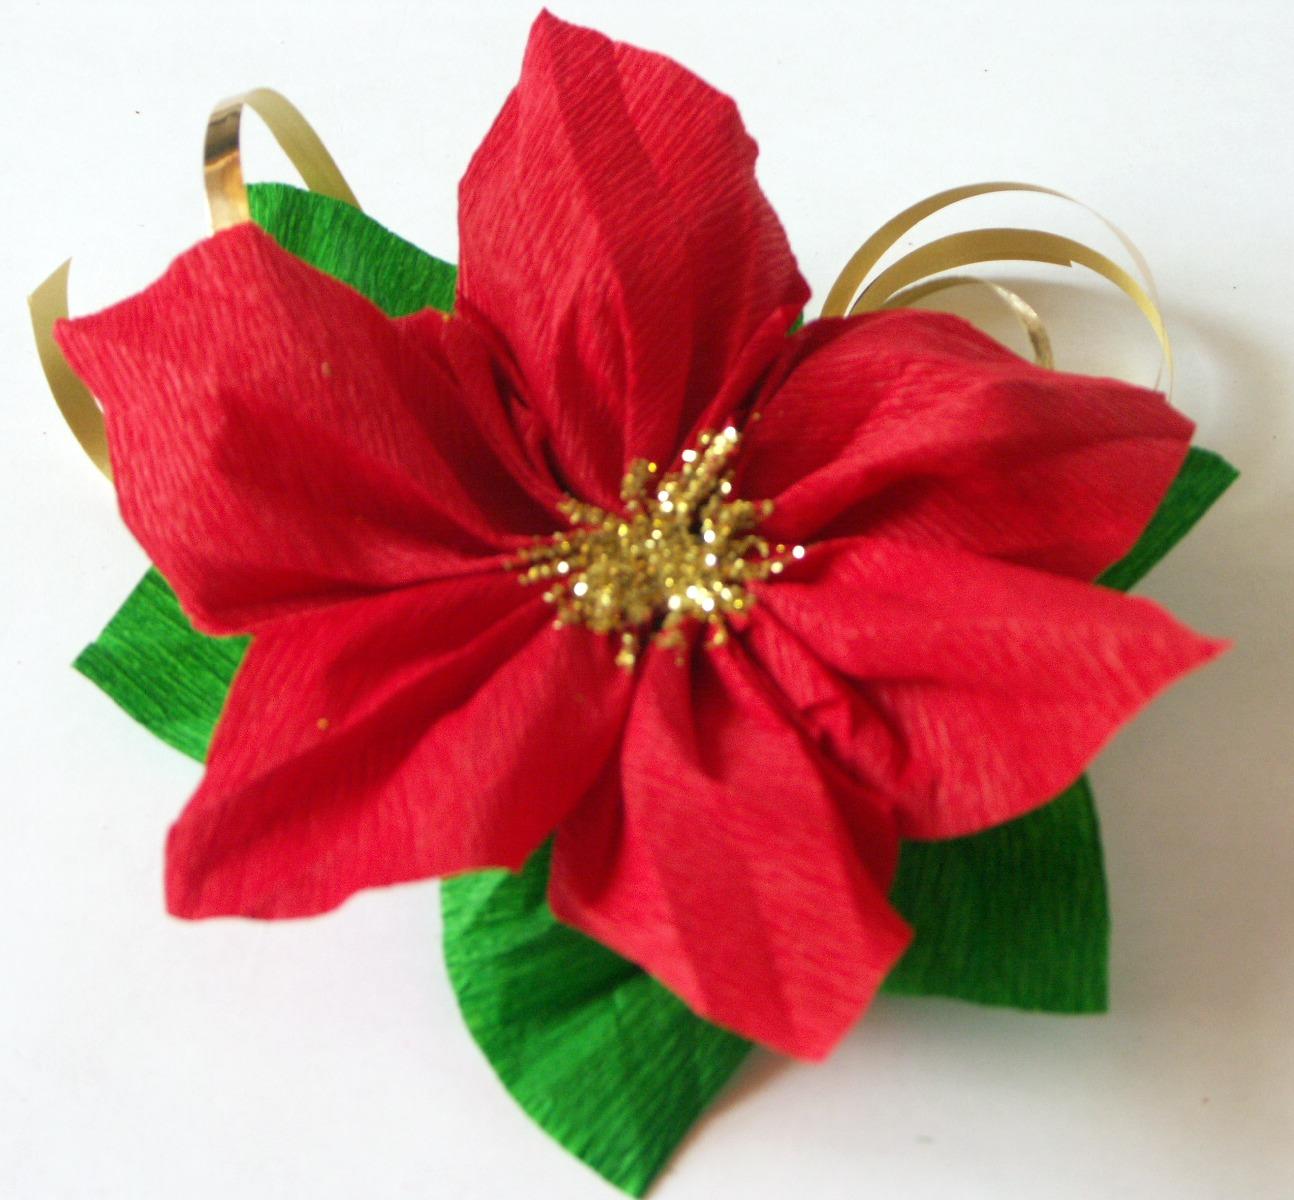 Tatamusetta tutorial decorazione con stella di natale in - Decorazioni natale di carta ...